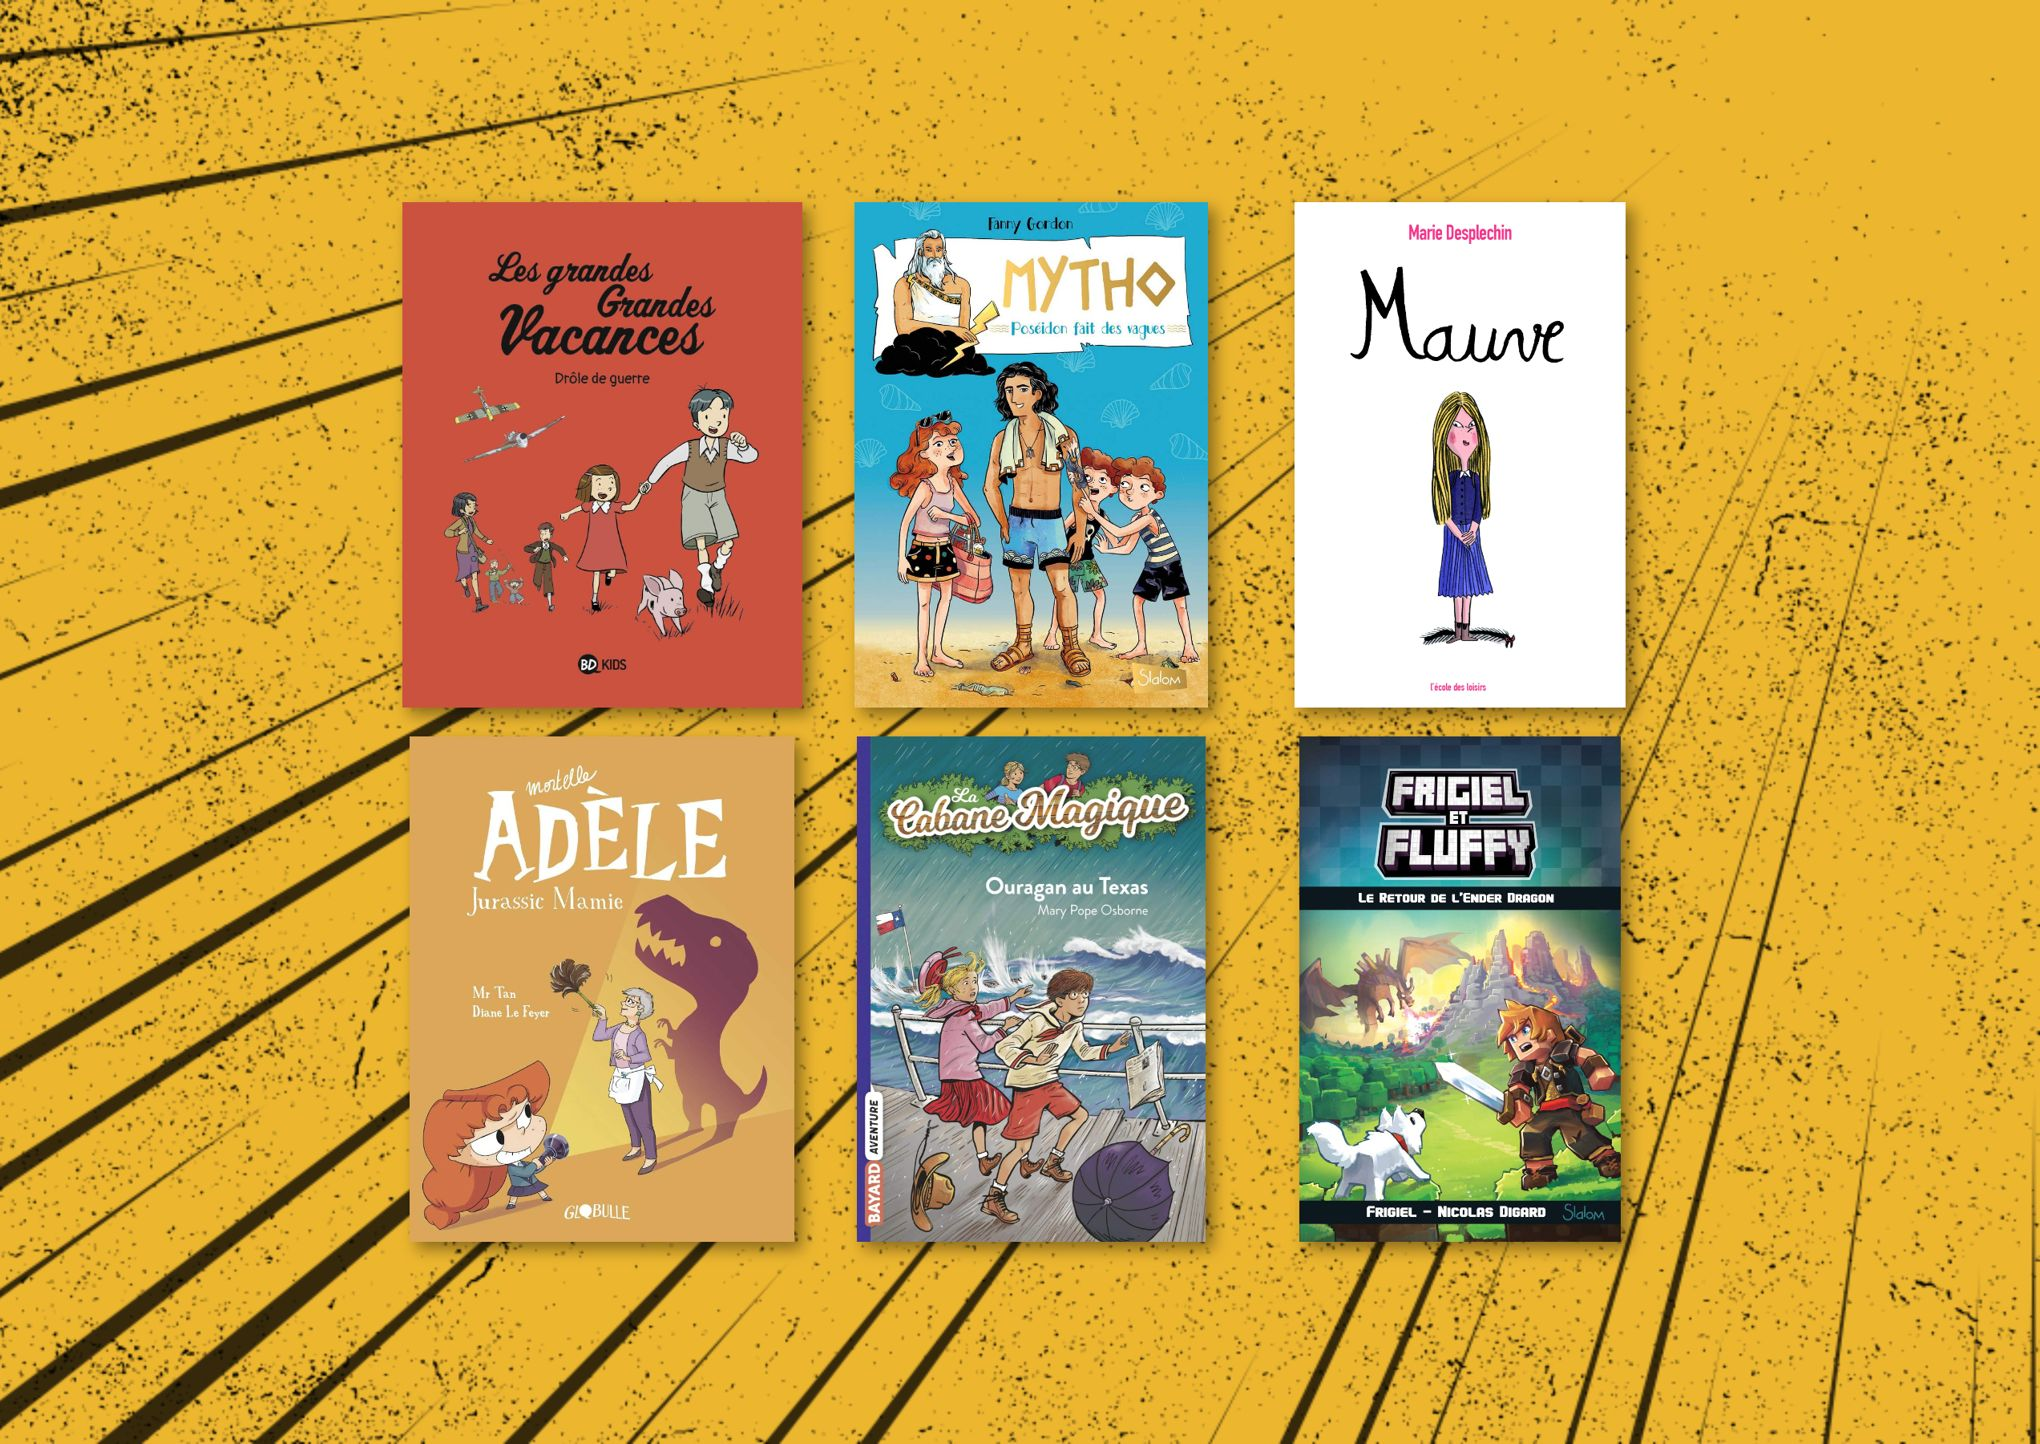 Pour Rire Ou S Evader Six Livres Pour Enfants A Decouvrir Avant La Rentree